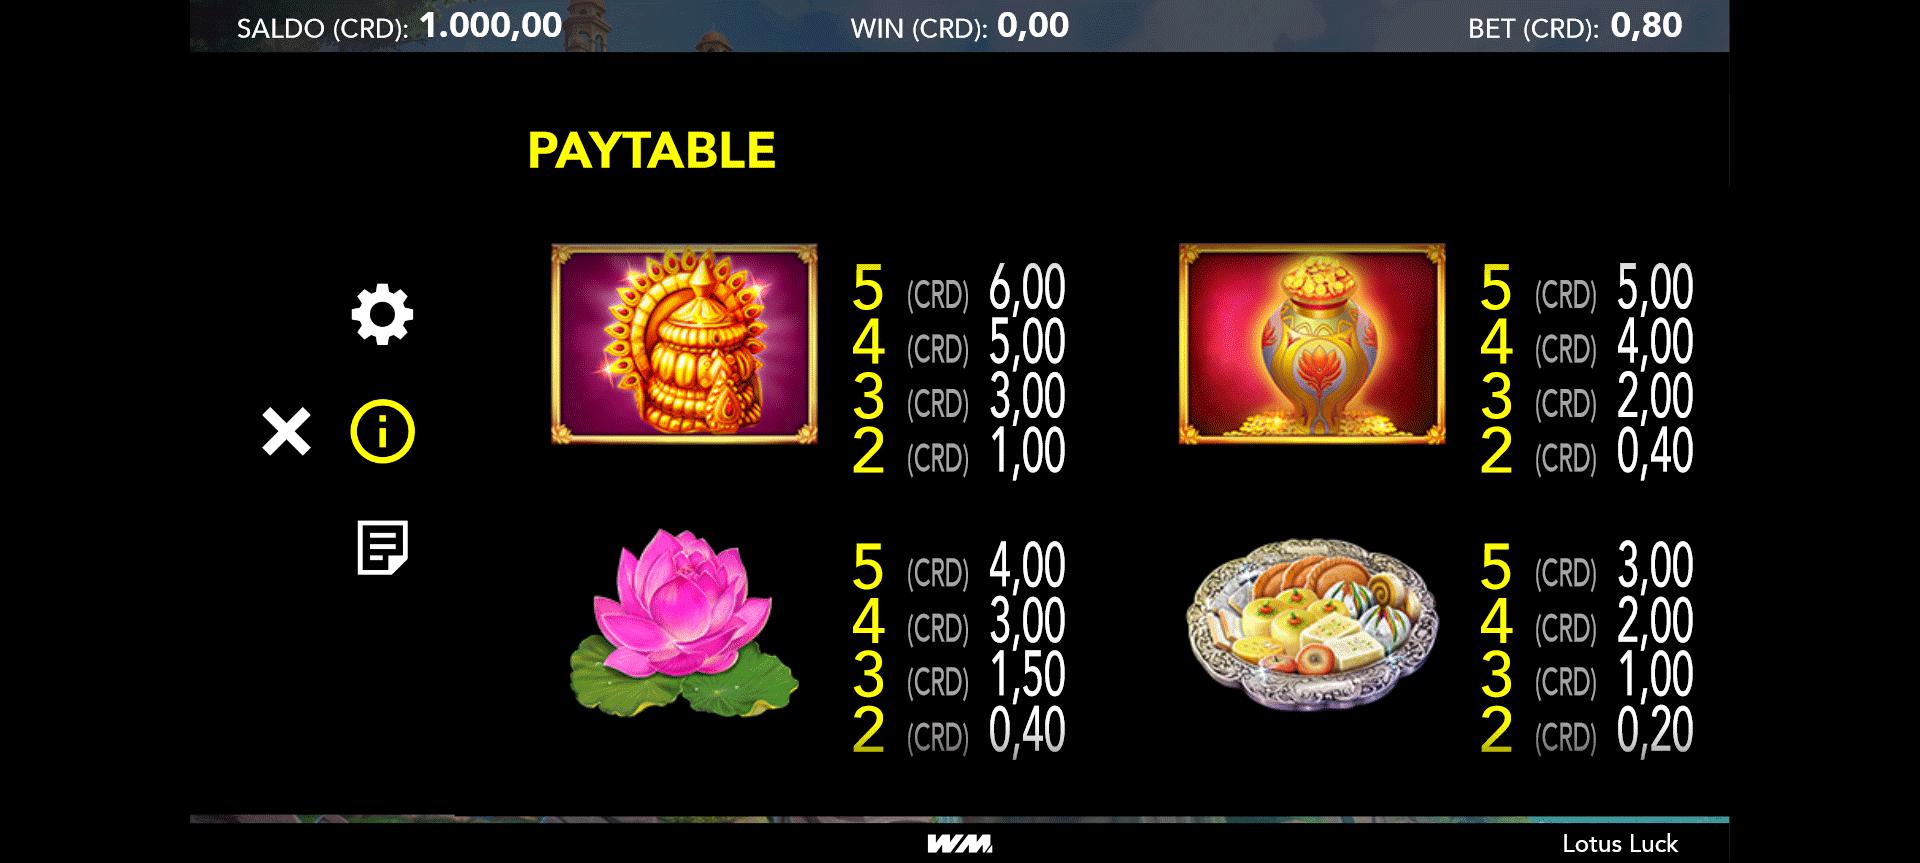 tabella dei pagamenti della slot online lotus luck